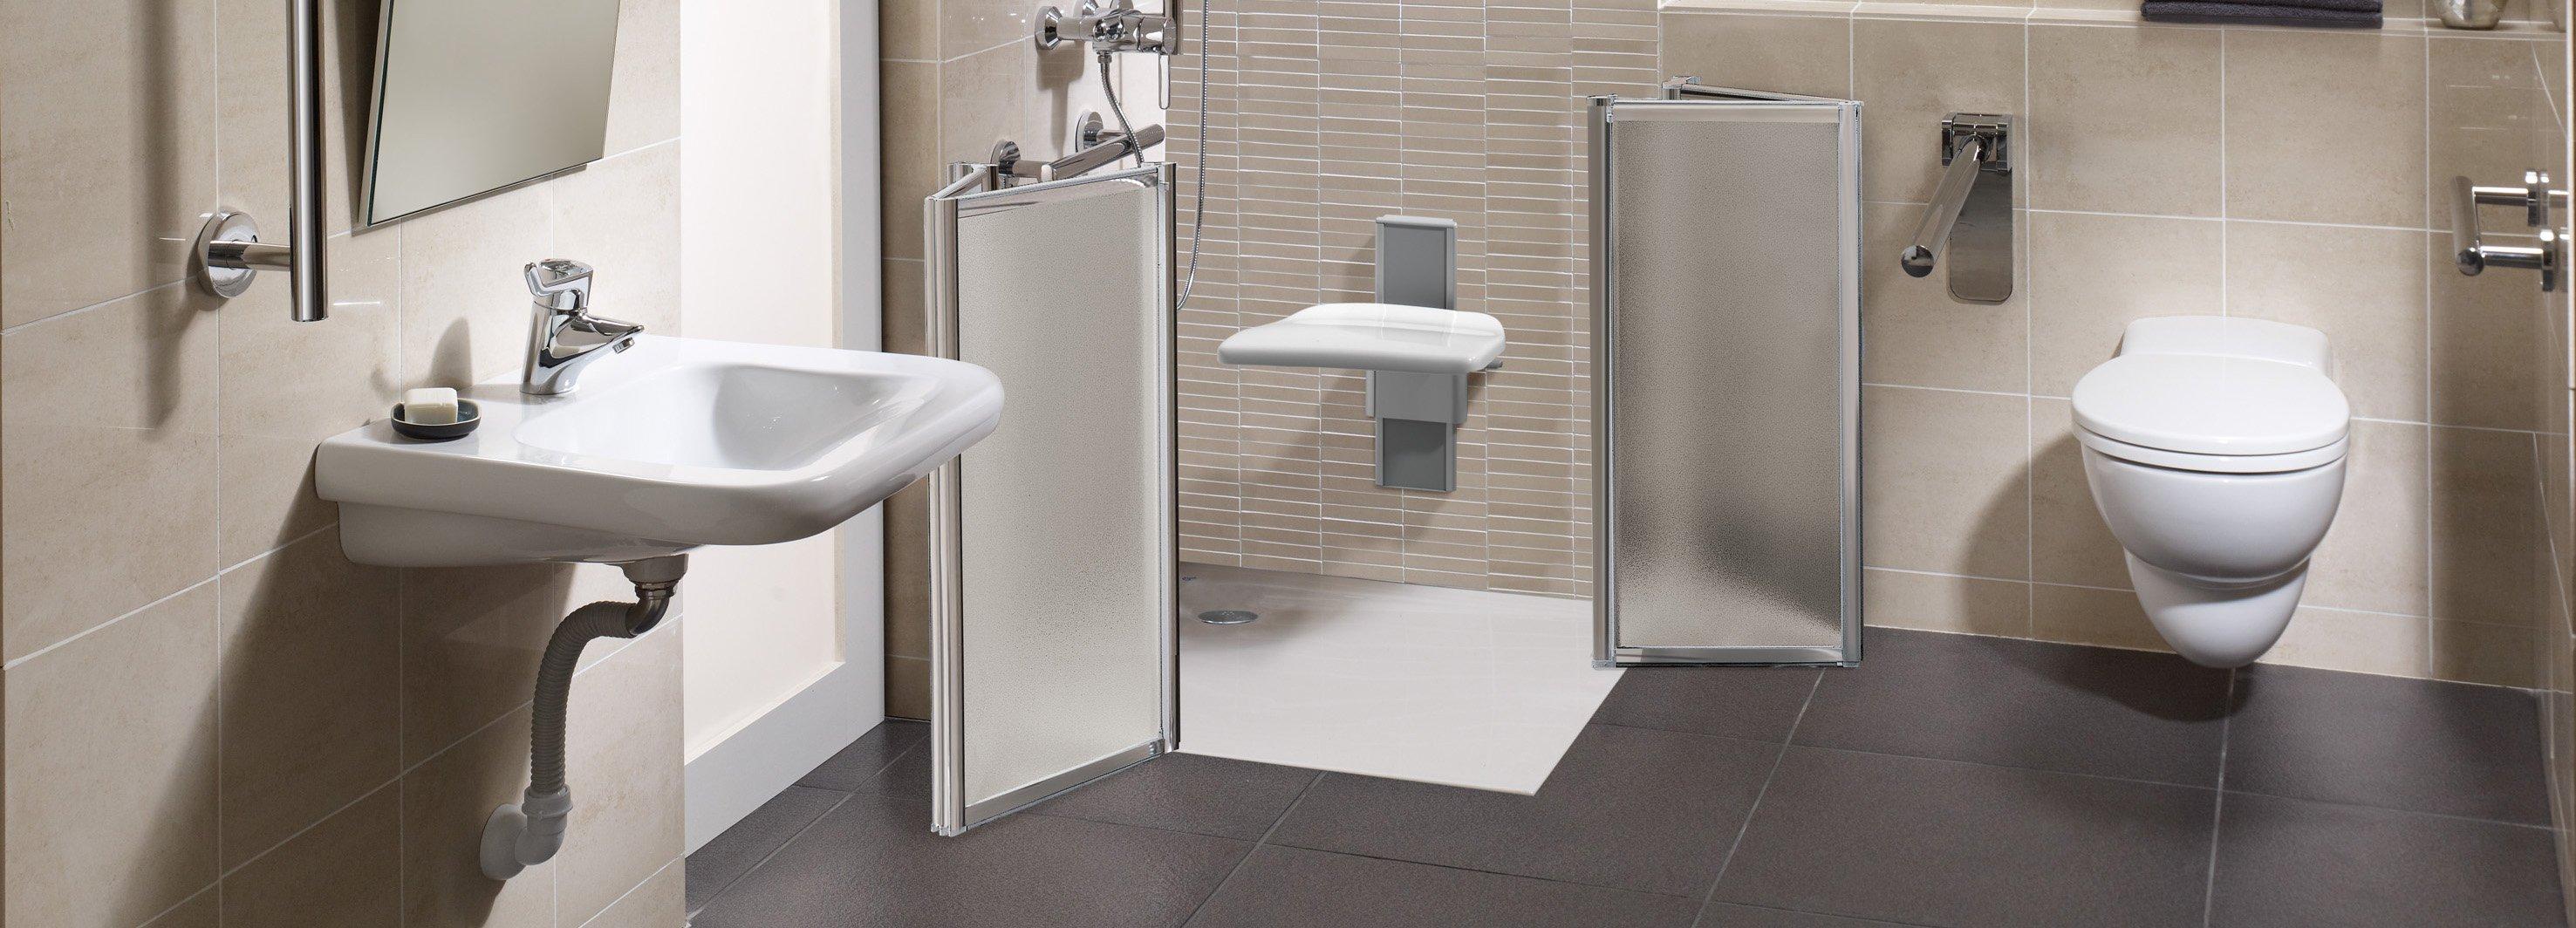 Un bagno pi comodo anche per anziani e disabili cose - Immagini arredo bagno ...